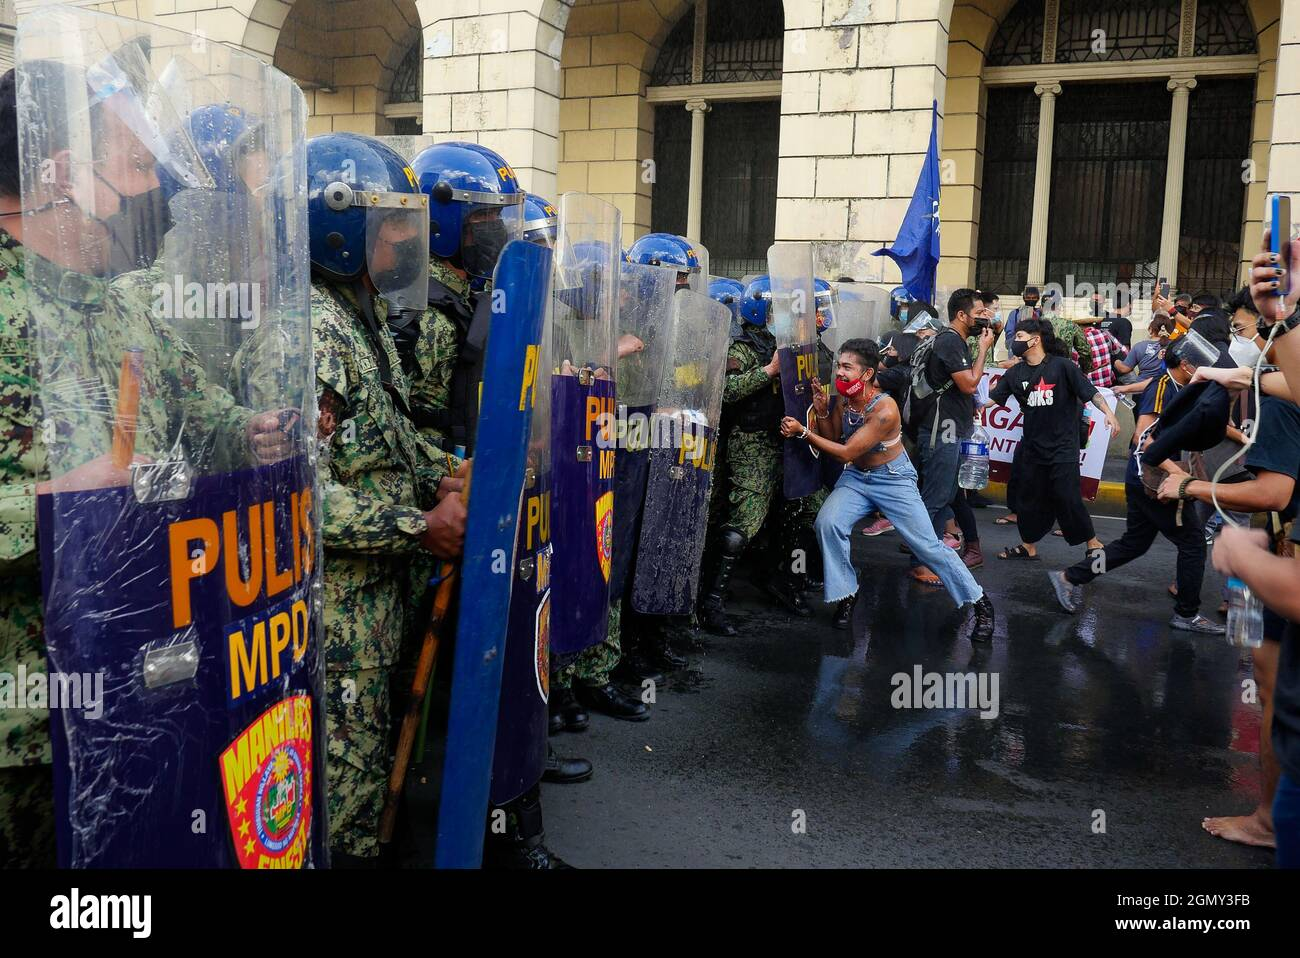 Manila, National Capital Region, Philippinen. September 2021. Am 21. September 1972 fand ein Protest am Tag der Verkündigungdes Kriegsrechts statt, aber die Polizei von Manila blockiert eine Gruppe von Demonstranten, die zum Andres Bonifacio-Denkmal aufbrechen. Sie versammelten sich zuerst in Carriedo, in Manila. Dann blockiert die Polizei die Gruppe und zerstreut sie mit Schild, Stöcken und einem Wasserkanon.Ein Protestler versucht, eine Polizeiblockade zu schieben, während eine Wasserkanone auf sie sprühte. (Bild: © George Buid/ZUMA Press Wire) Stockfoto